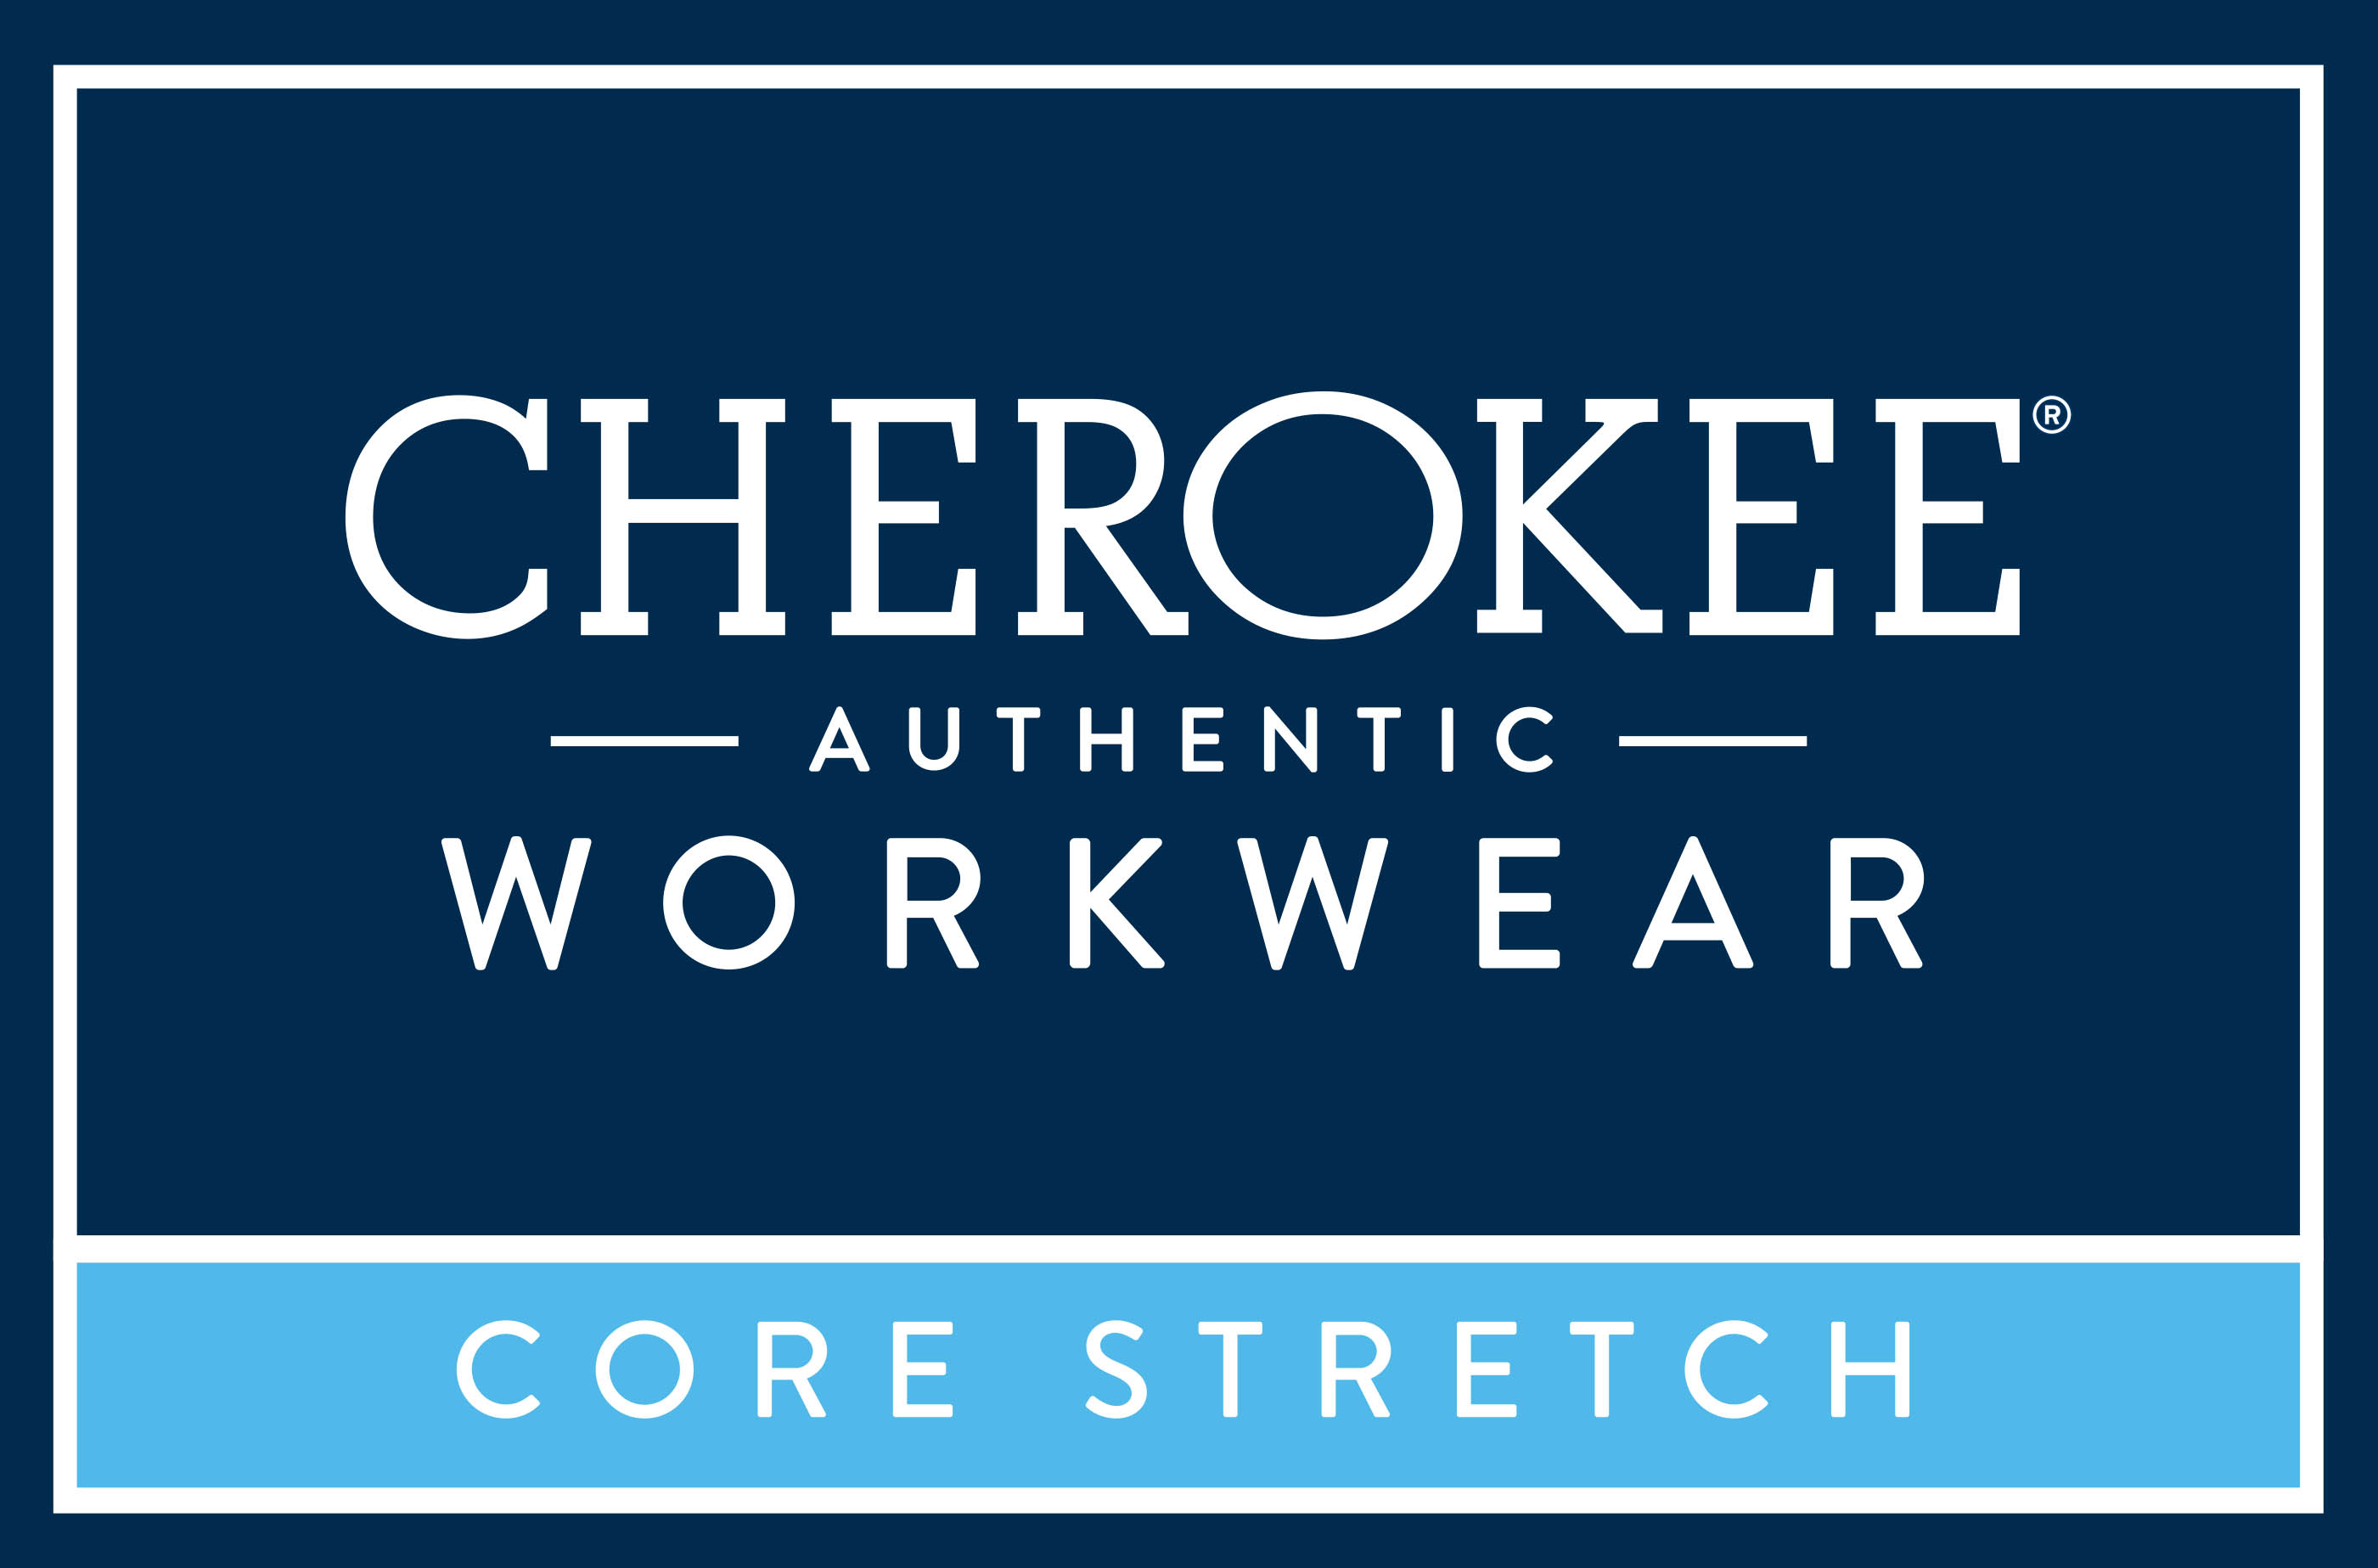 cherokee-workwear-core-stretch-logo.jpg